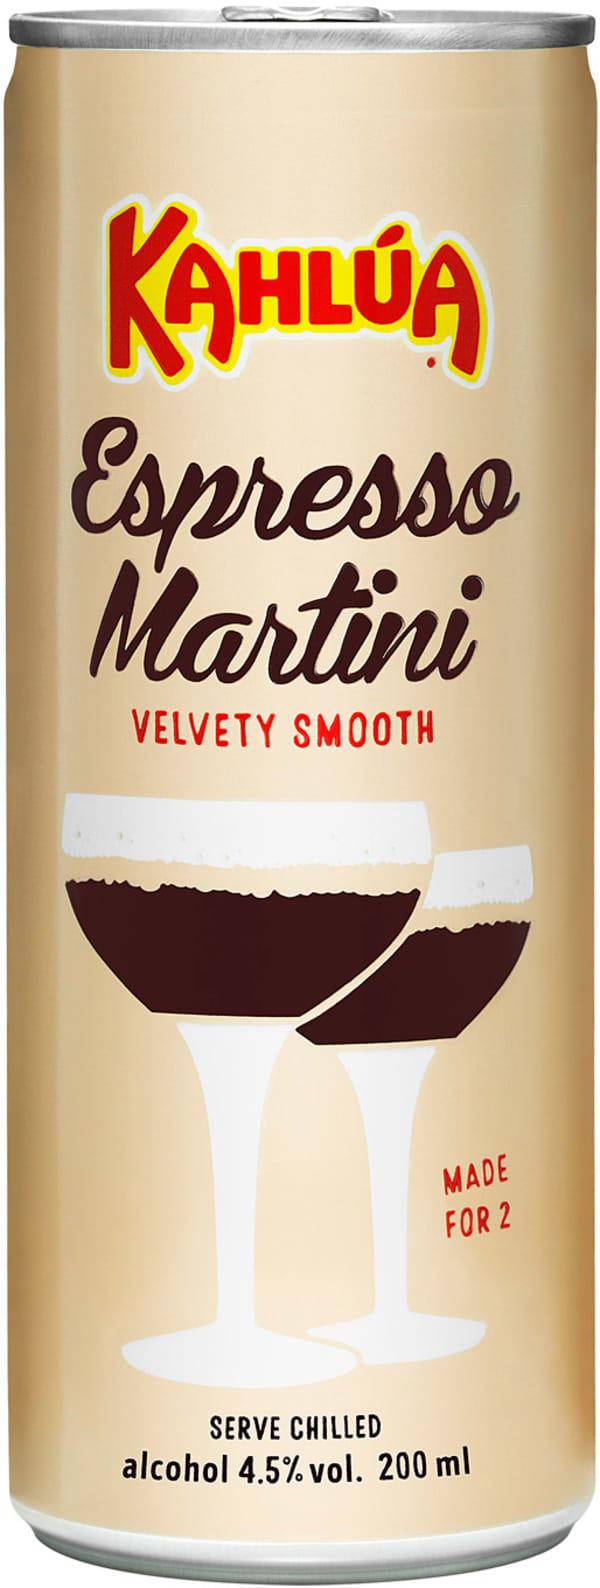 Kahlúa Espresso Martini can